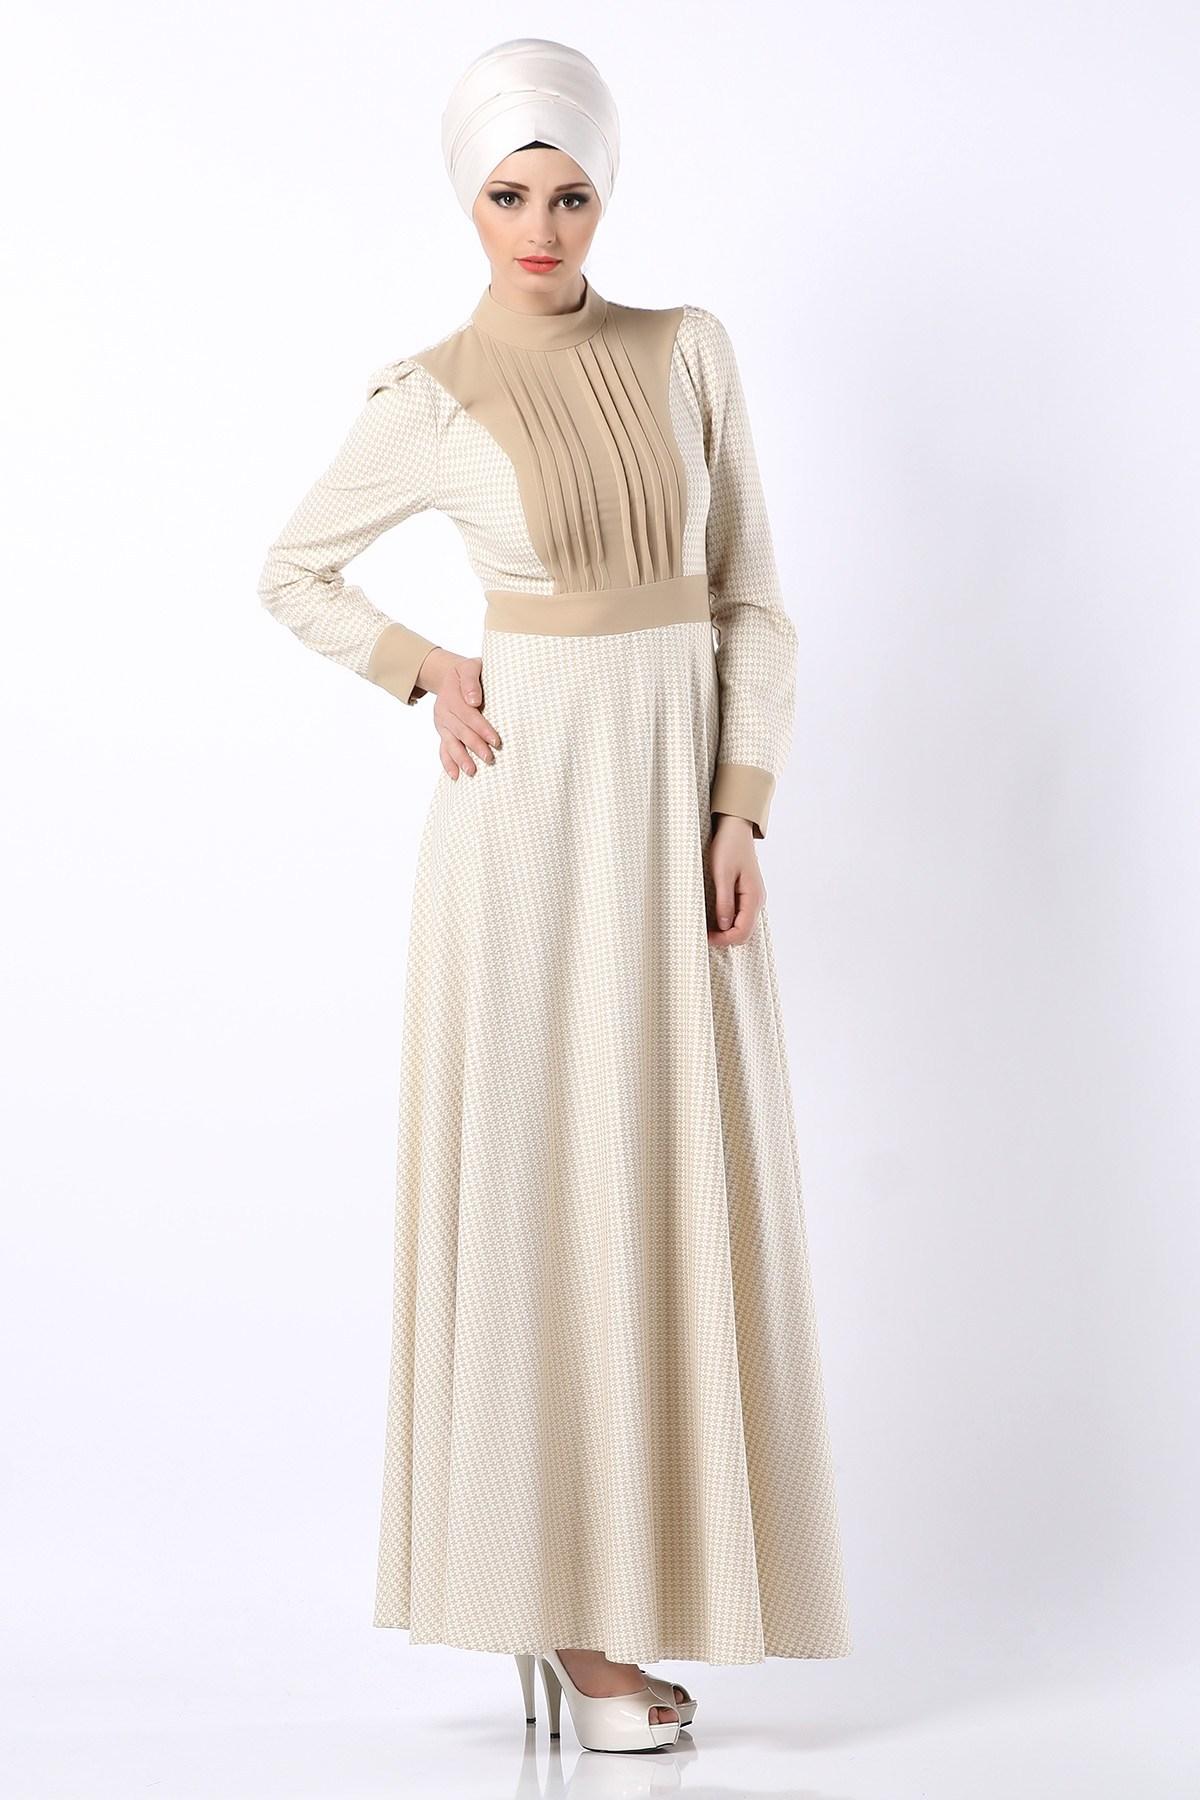 صورة فساتين تركية للمحجبات , اجمل موديلات لفستان تركي روعة 969 9